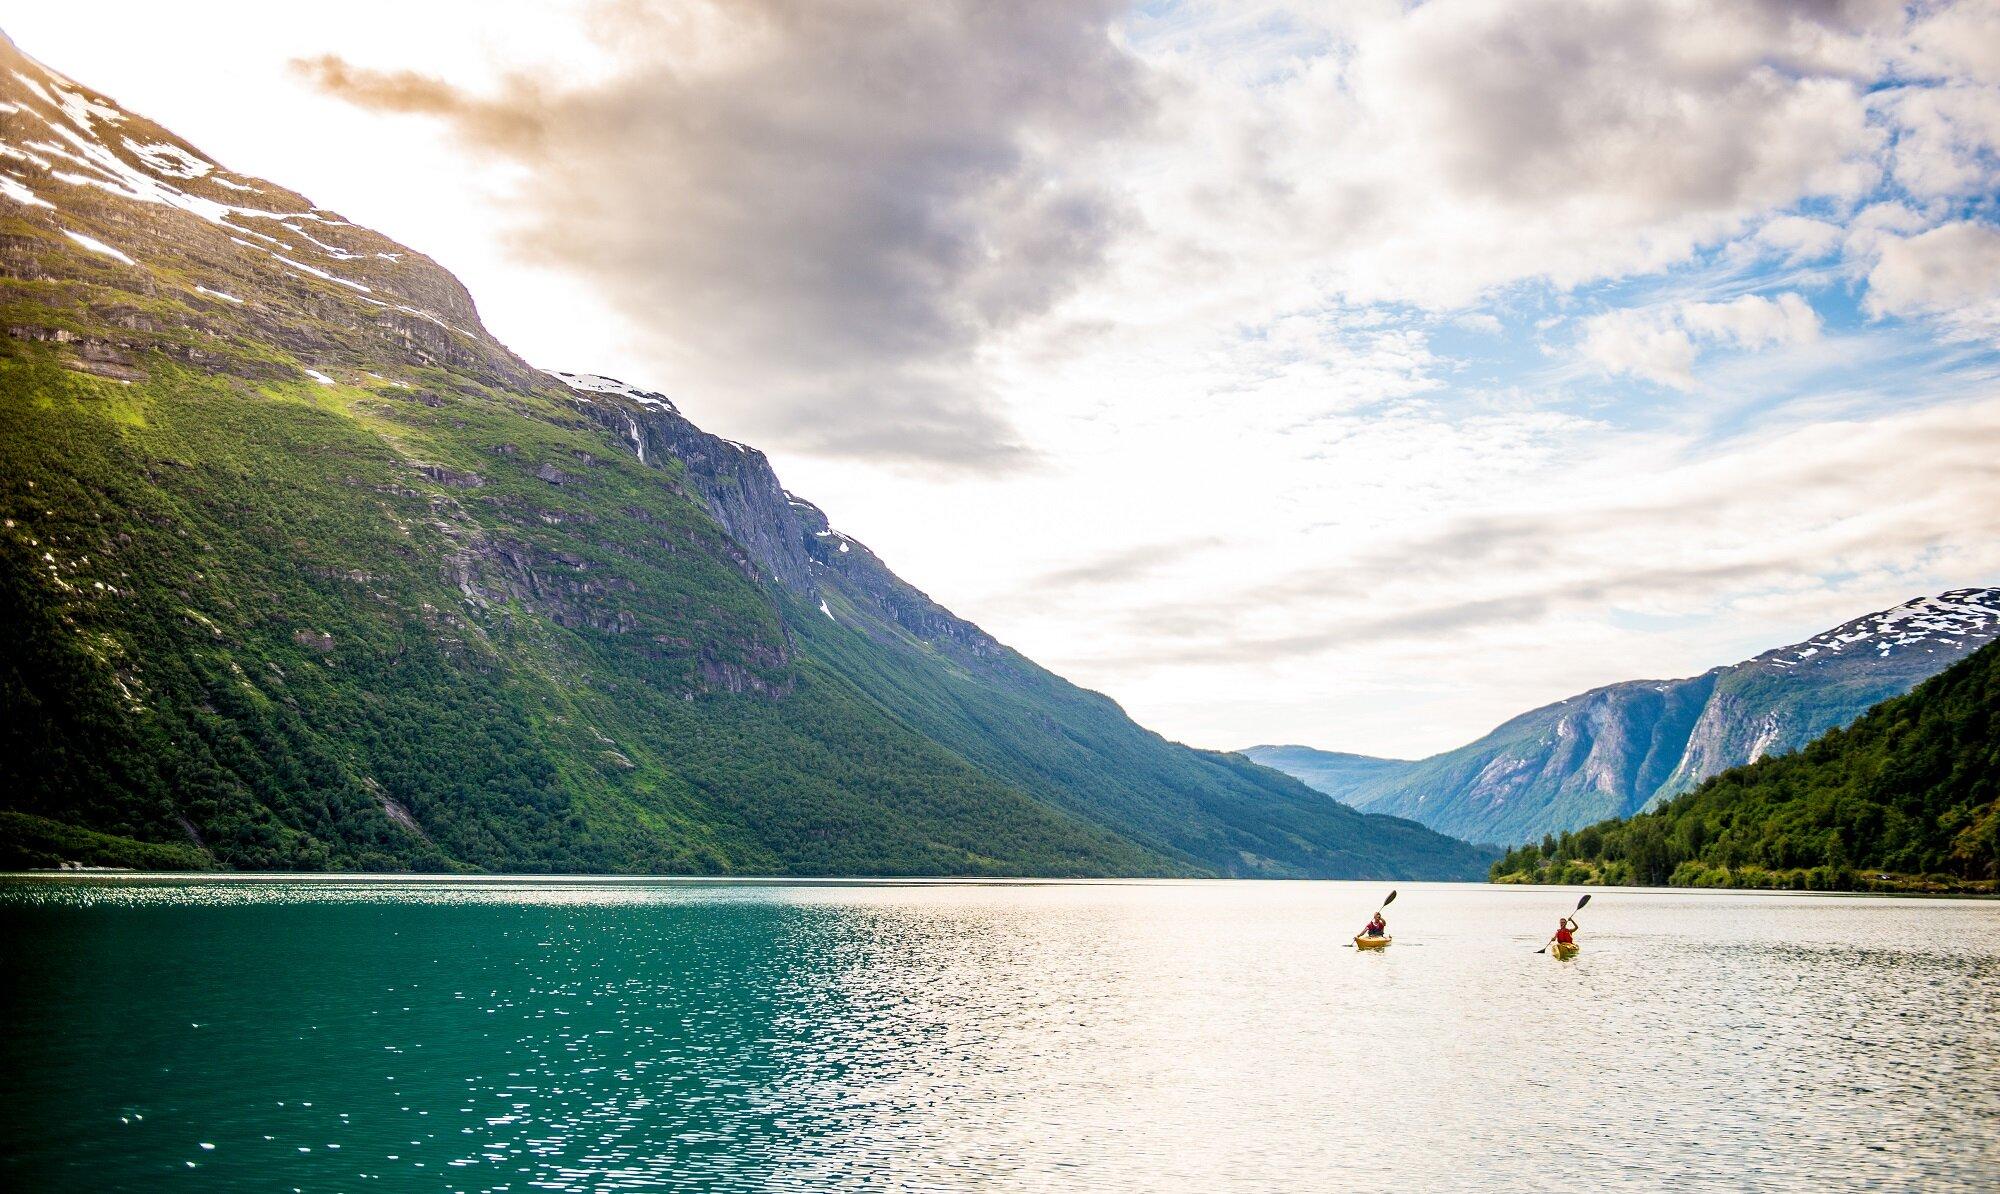 Kjakk på Lovatnet. Foto: Sverre Hjørnevik/Fjord Norge